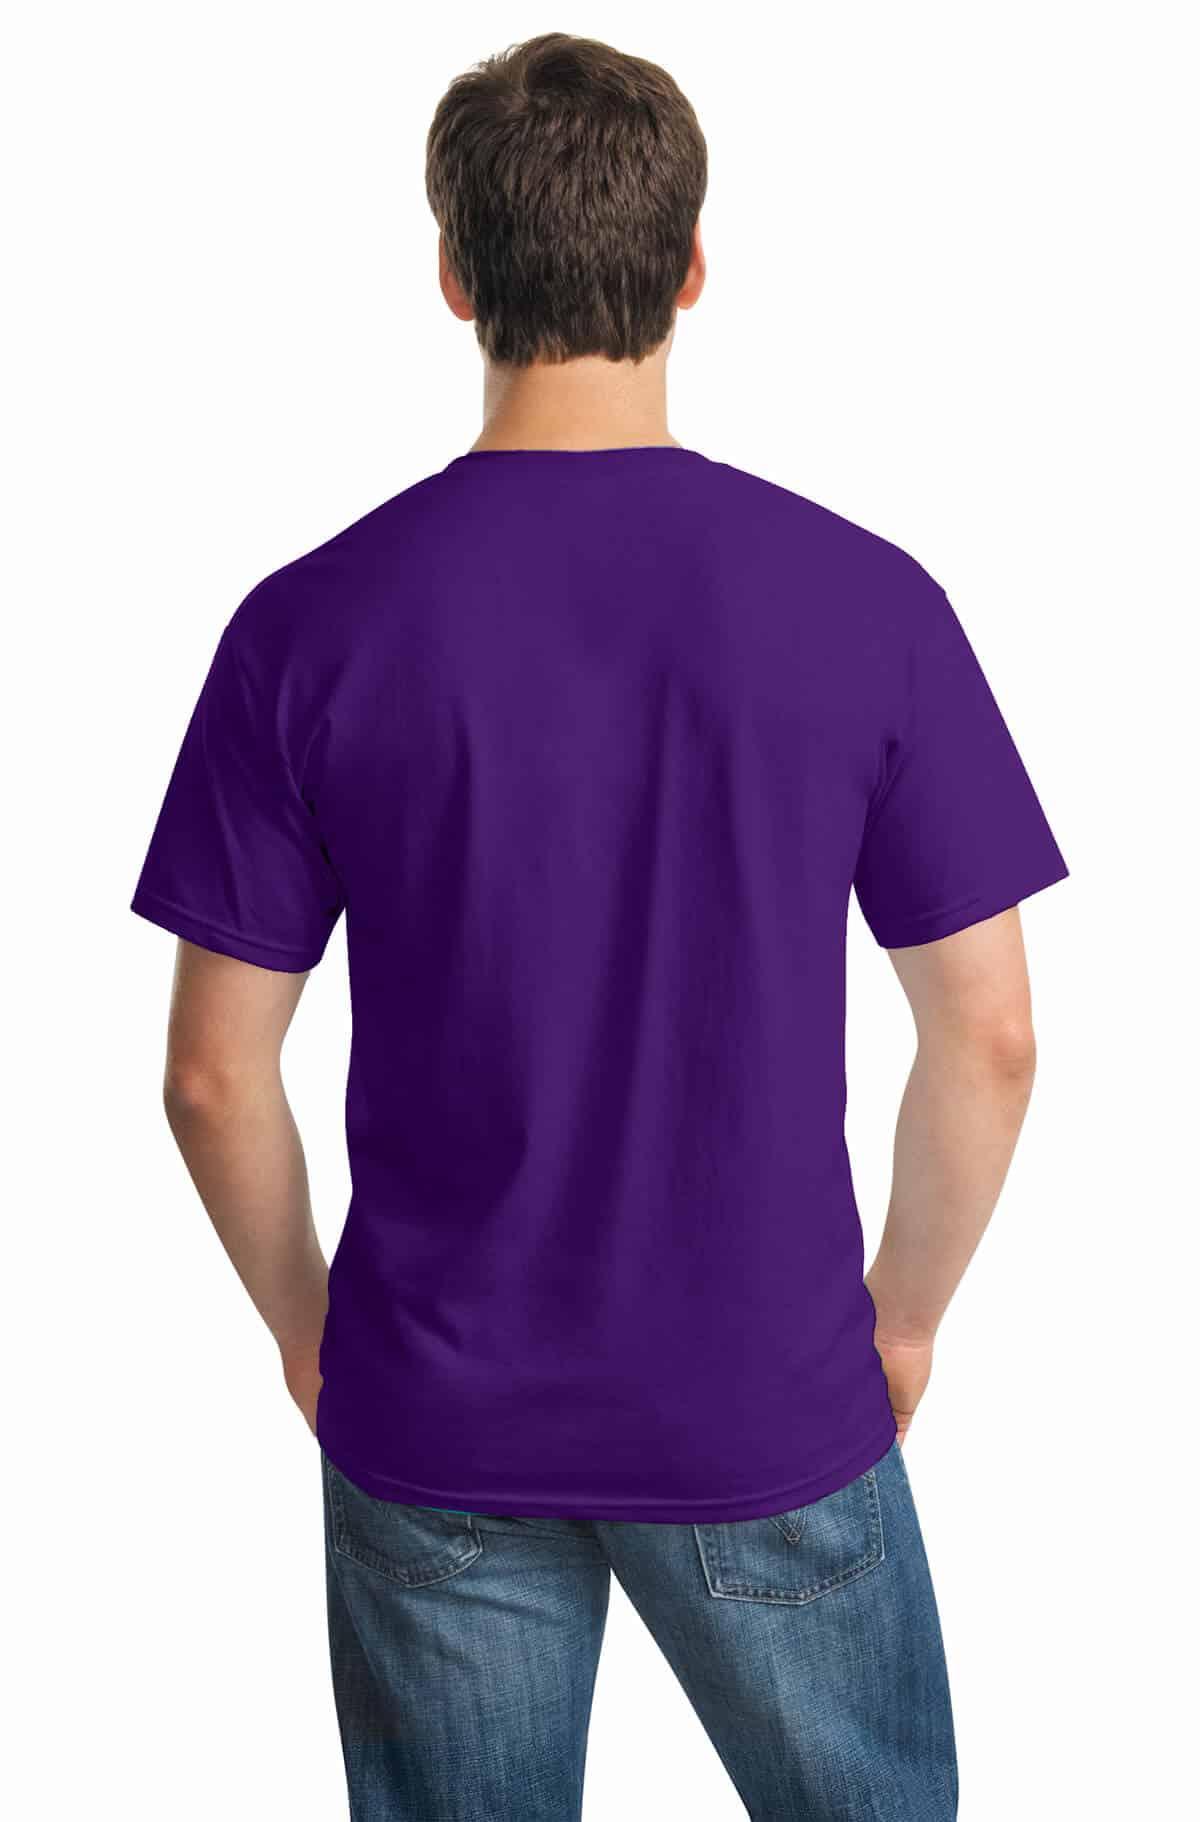 Purple Tee Back